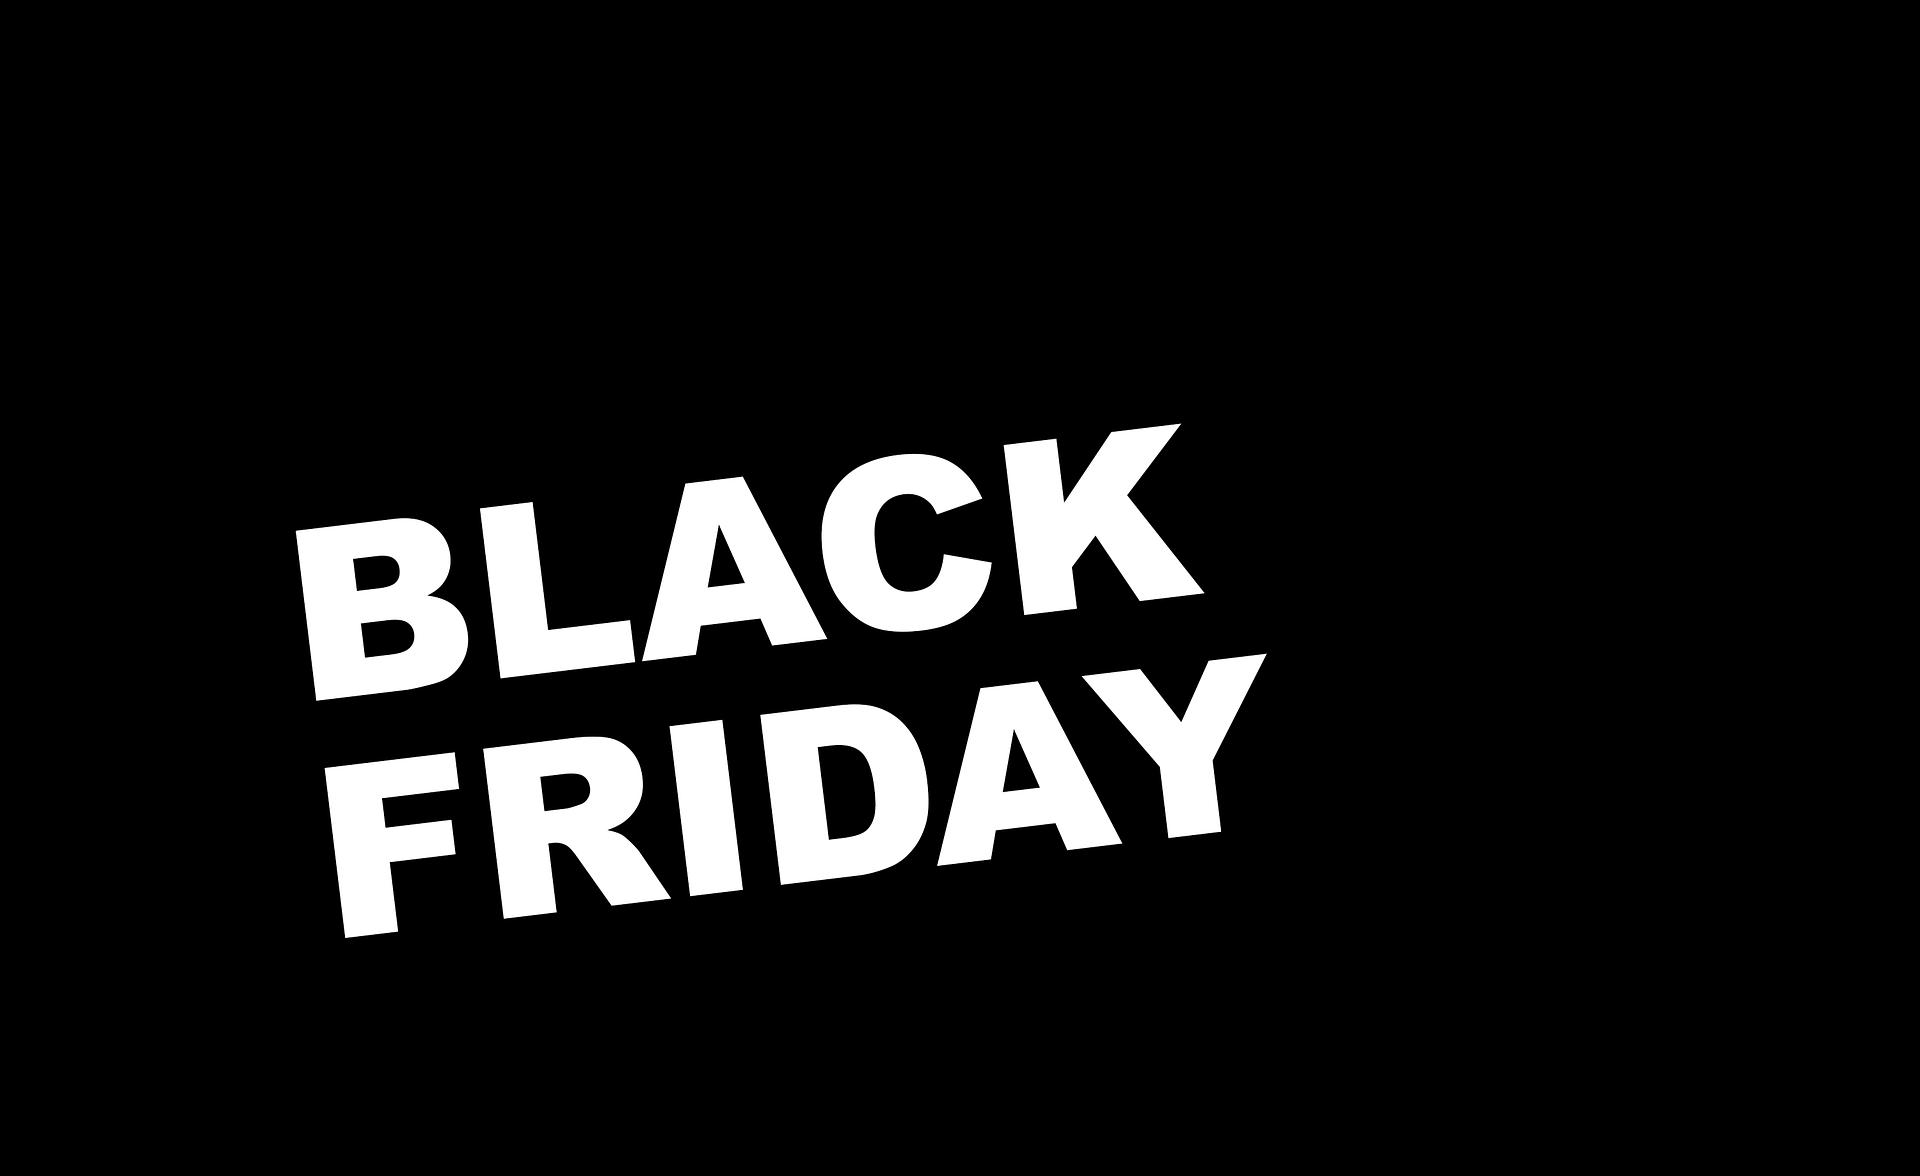 e4242a142e882 Black Friday  Confira as melhores promoções para o período